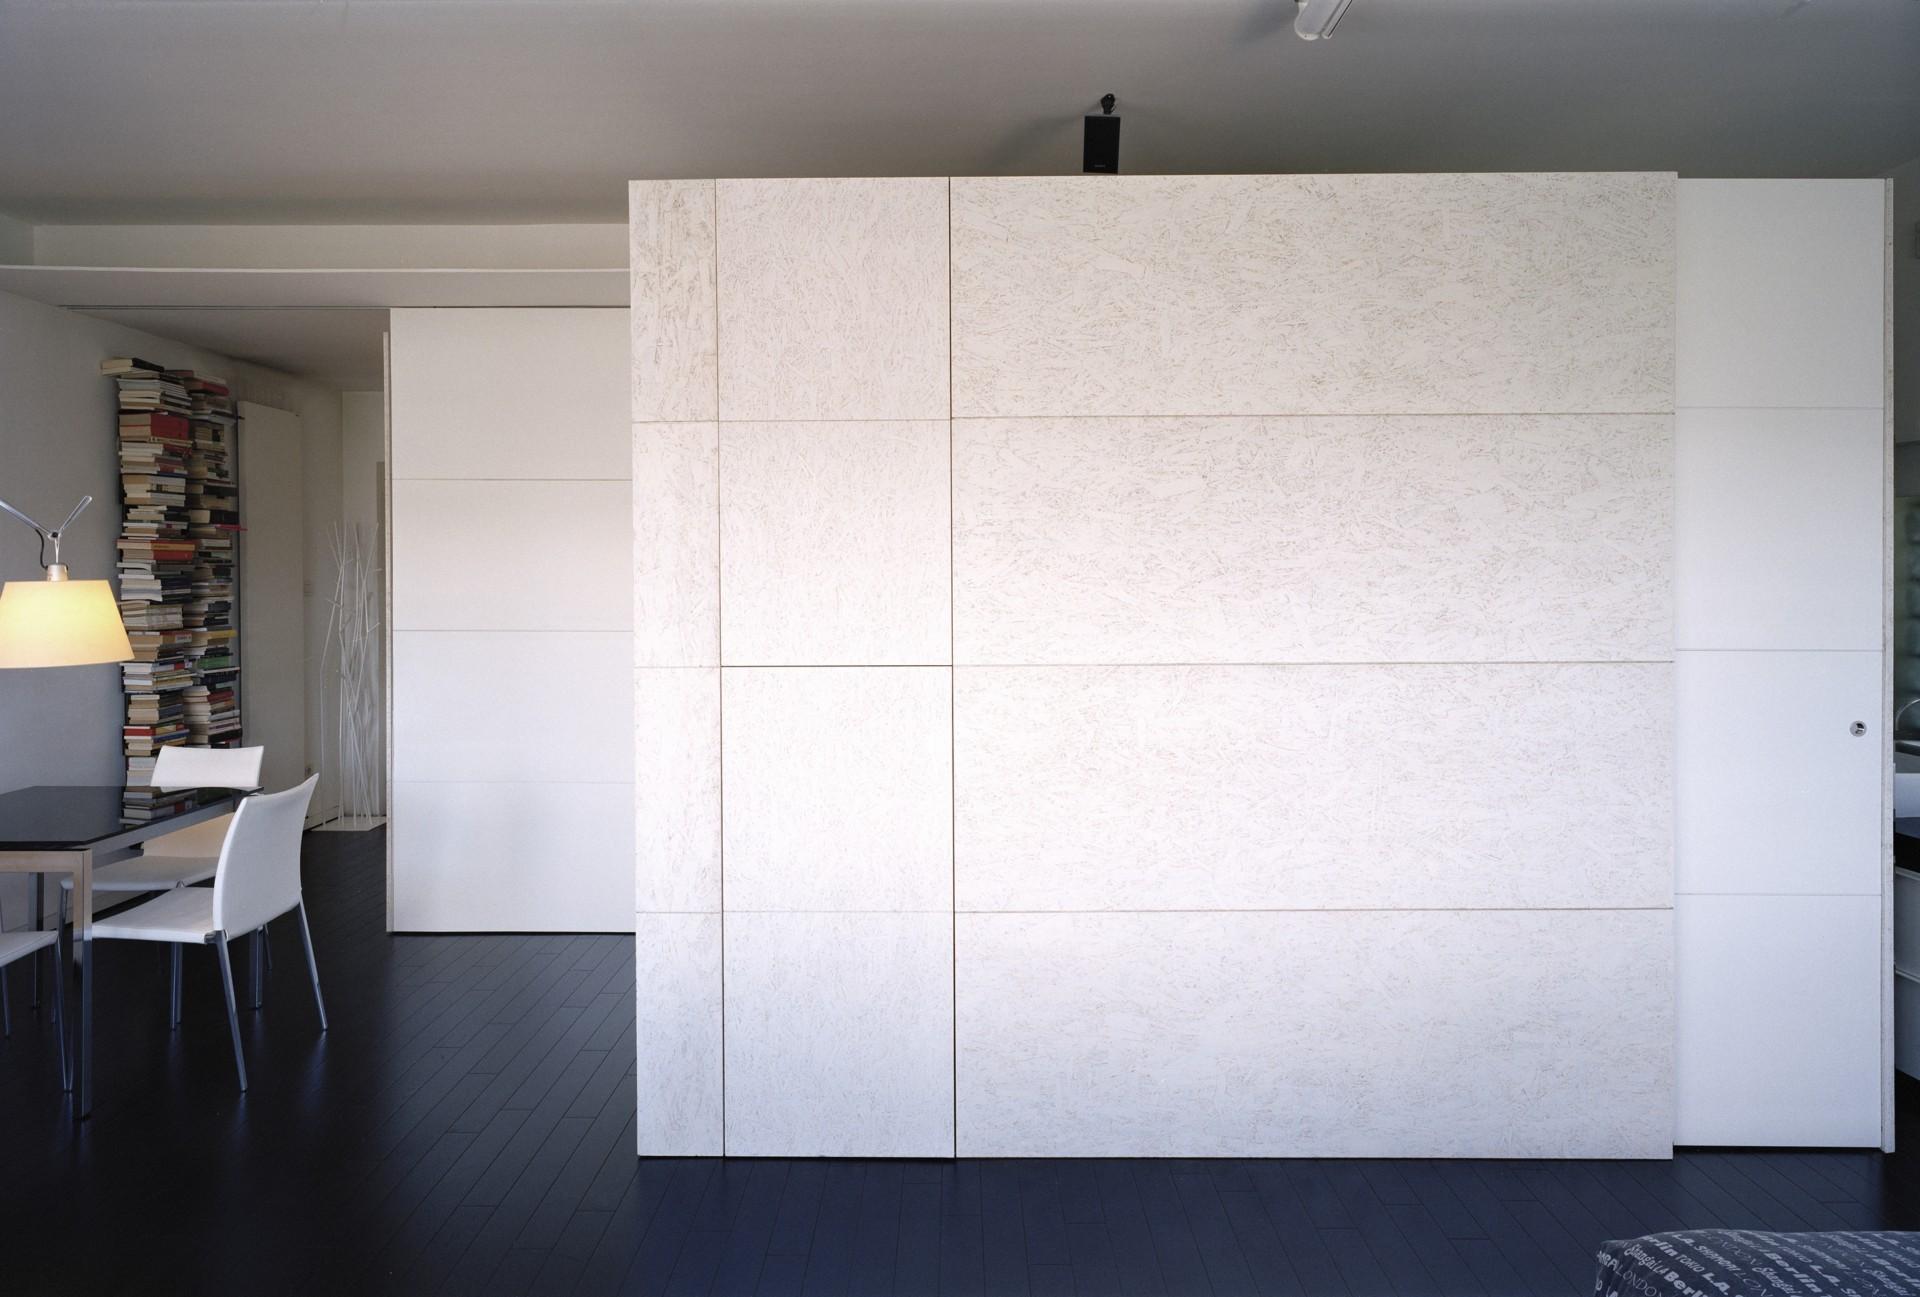 Casa e studio due interior design di Schiattarella Associati